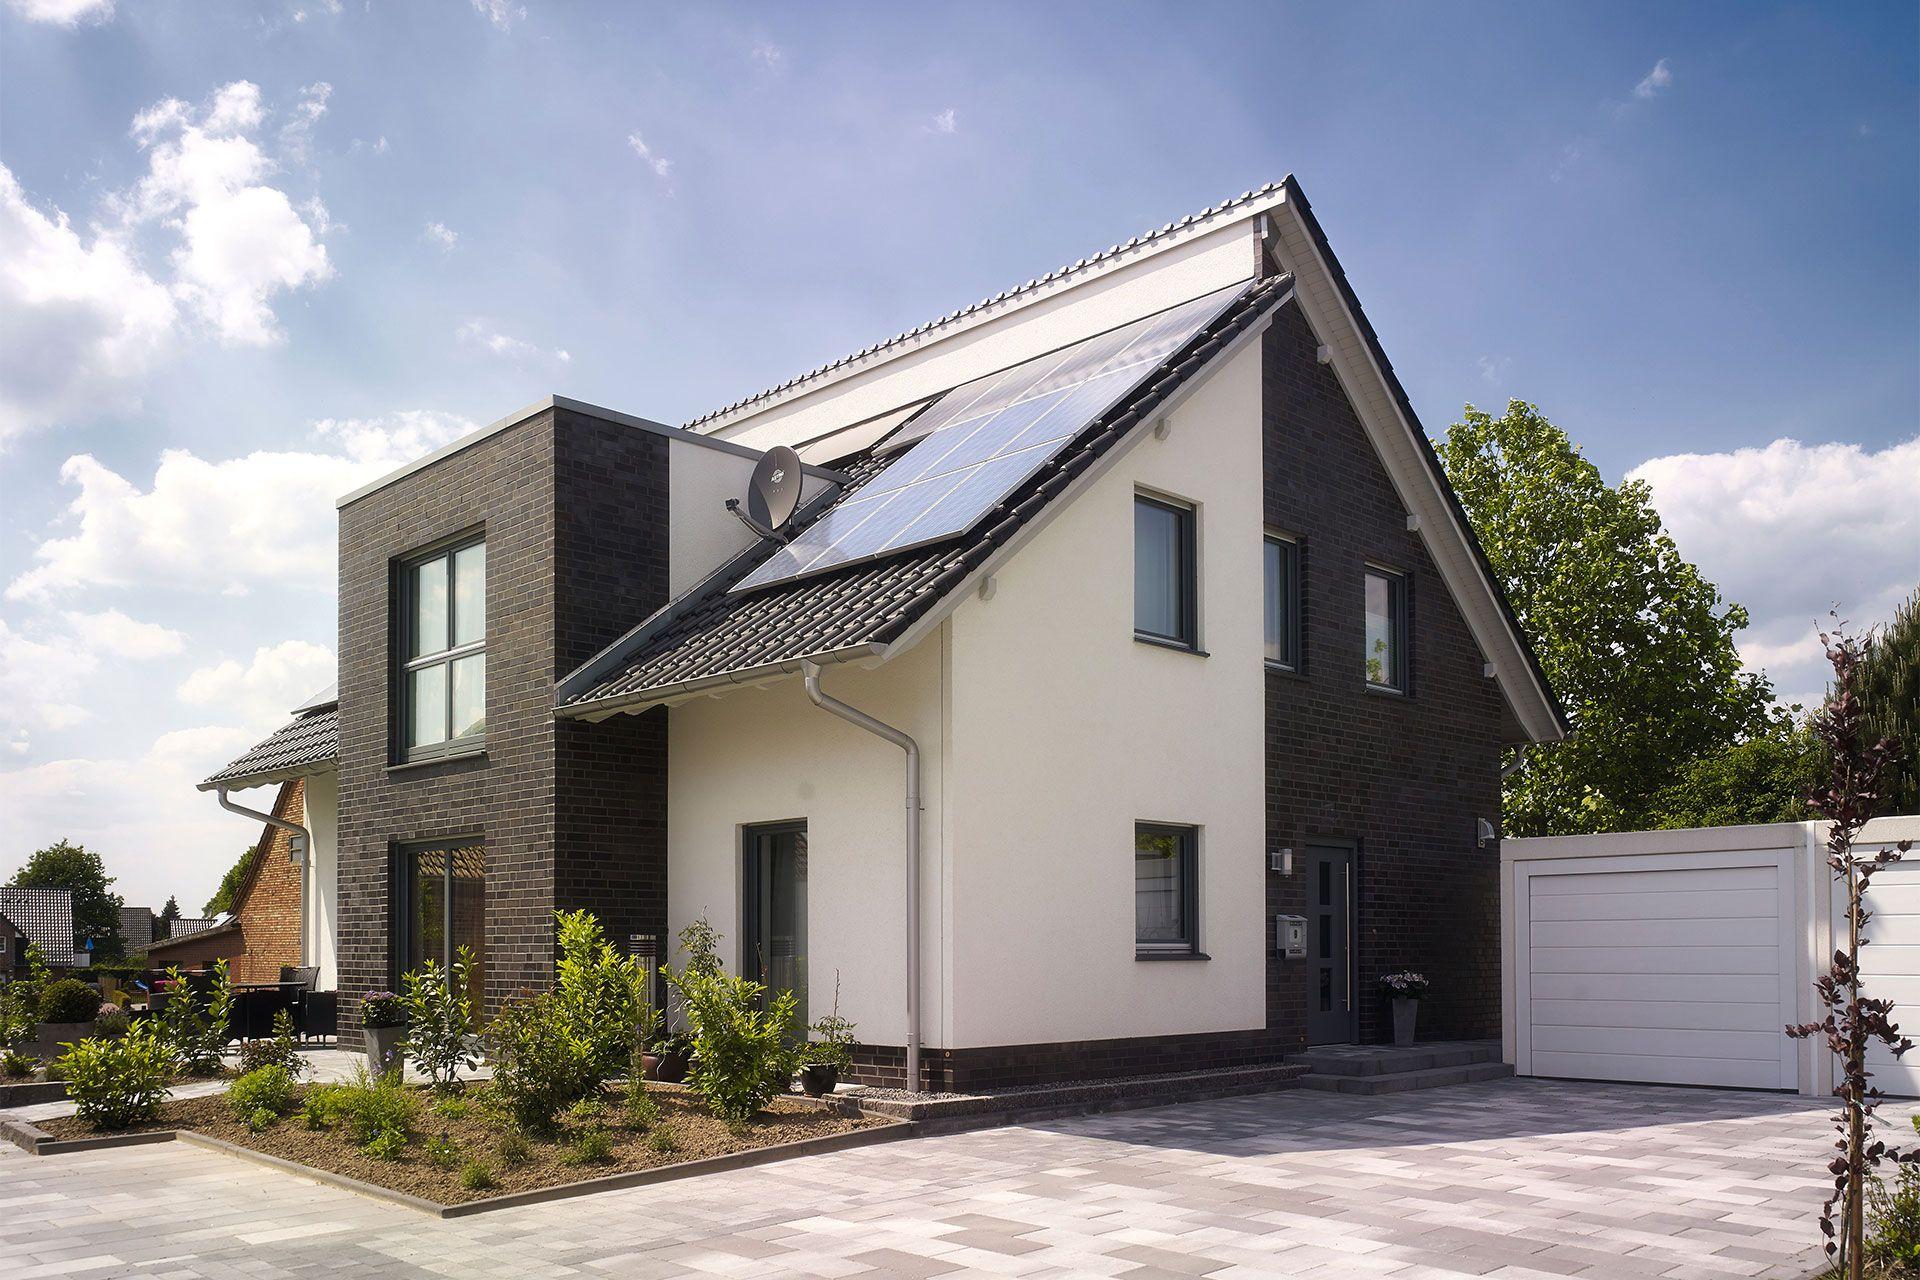 Traumhaus maßgeschneidert & energieeffizient Mooswald